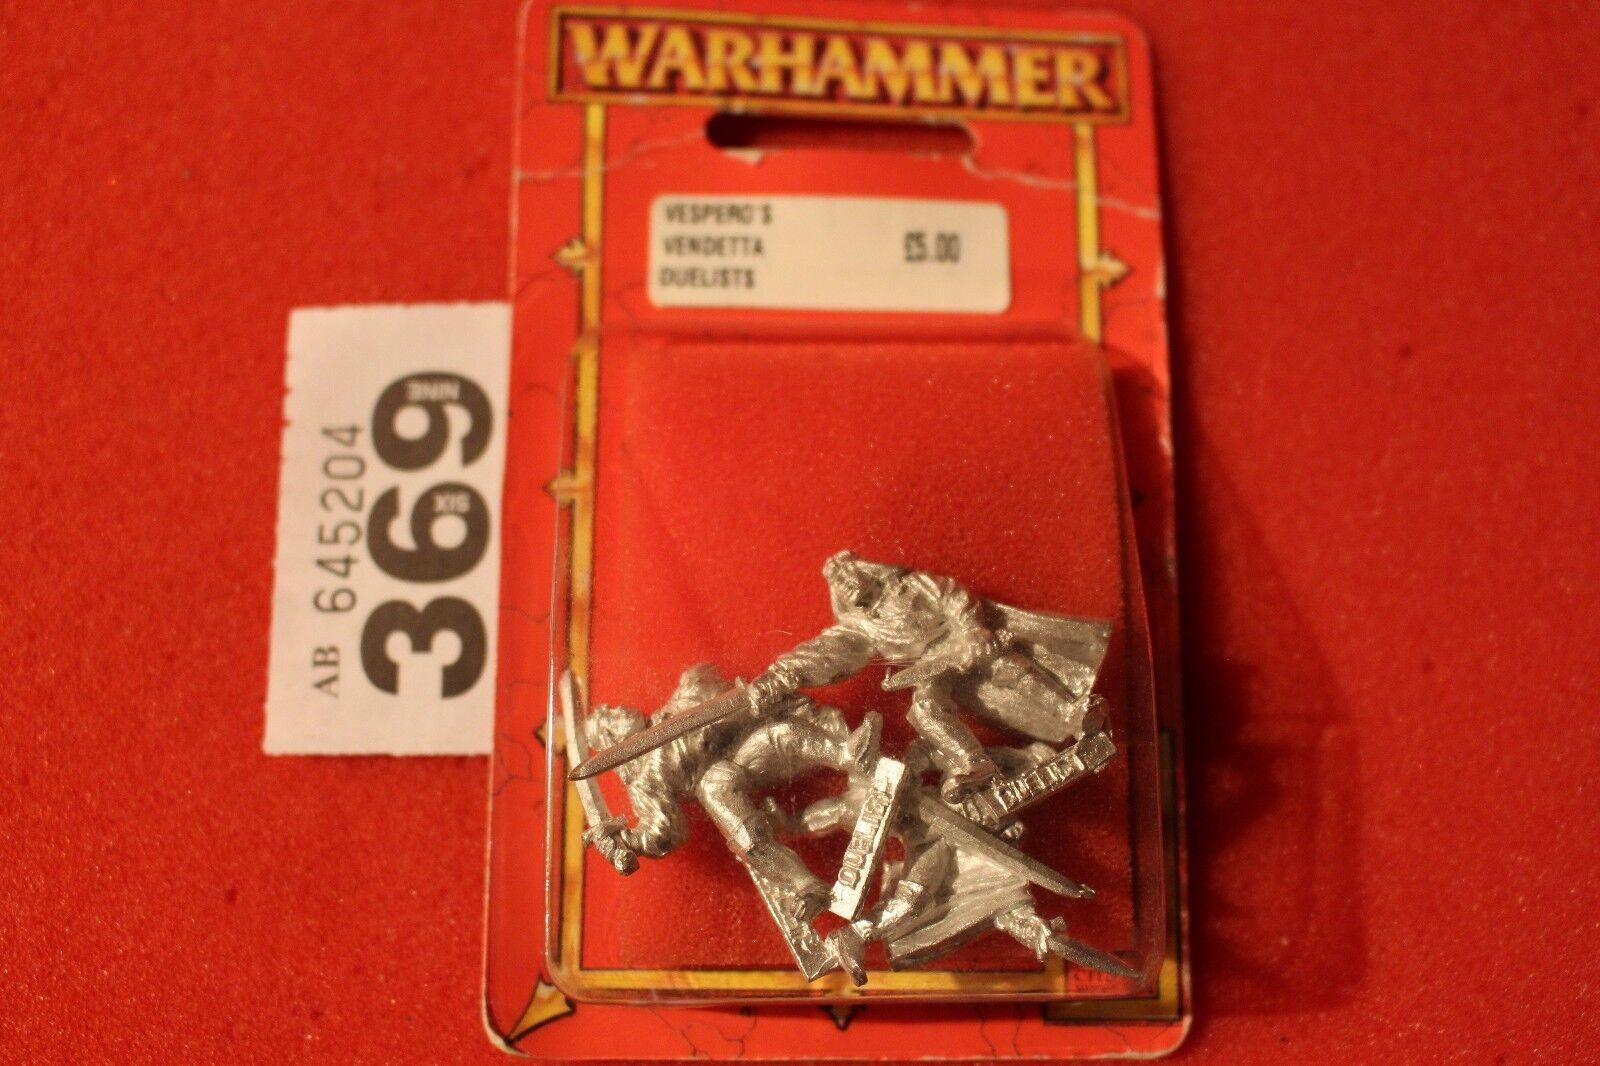 Games Workshop WARHAMMER vesperos VENDETTA I DUELLANTI x3 metallo cani di guerra NUOVO FUORI CATALOGO